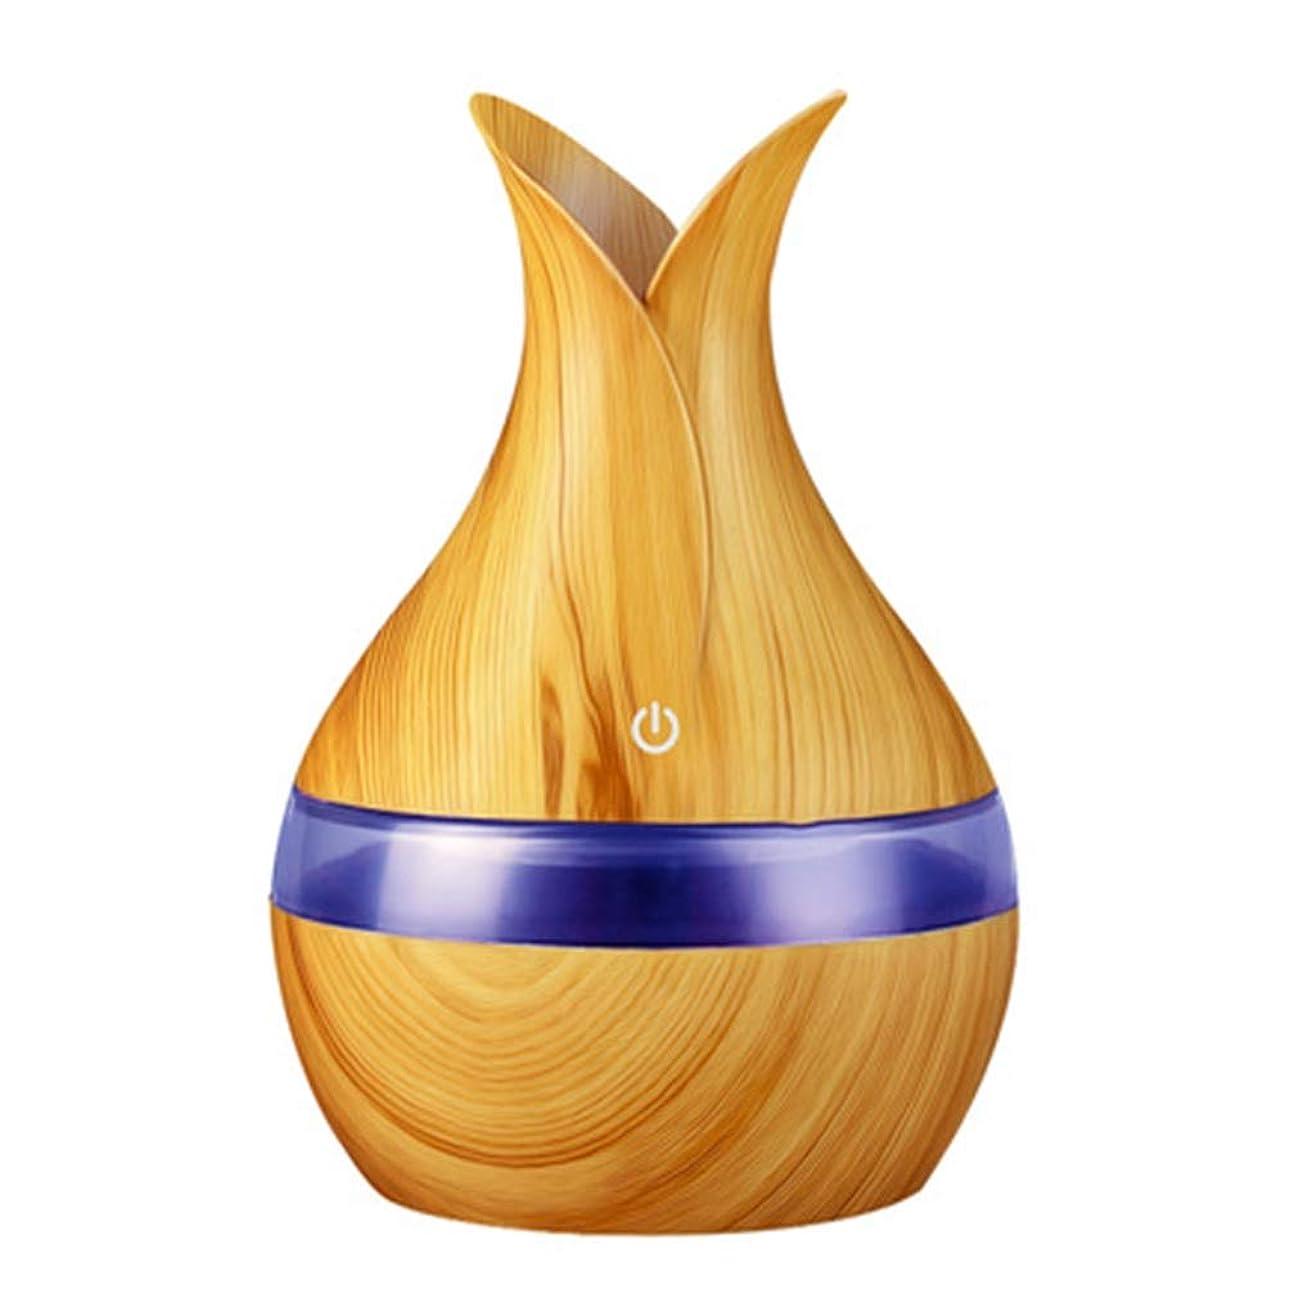 眉をひそめるステップ尽きる300ミリリットル超音波クールミスト加湿器カラーLEDライト付き自宅、ヨガ、オフィス、スパ、寝室、ベビールームの拡散器 - 木目調子 (Color : Light wood grain, Size : 165mm*110mm)